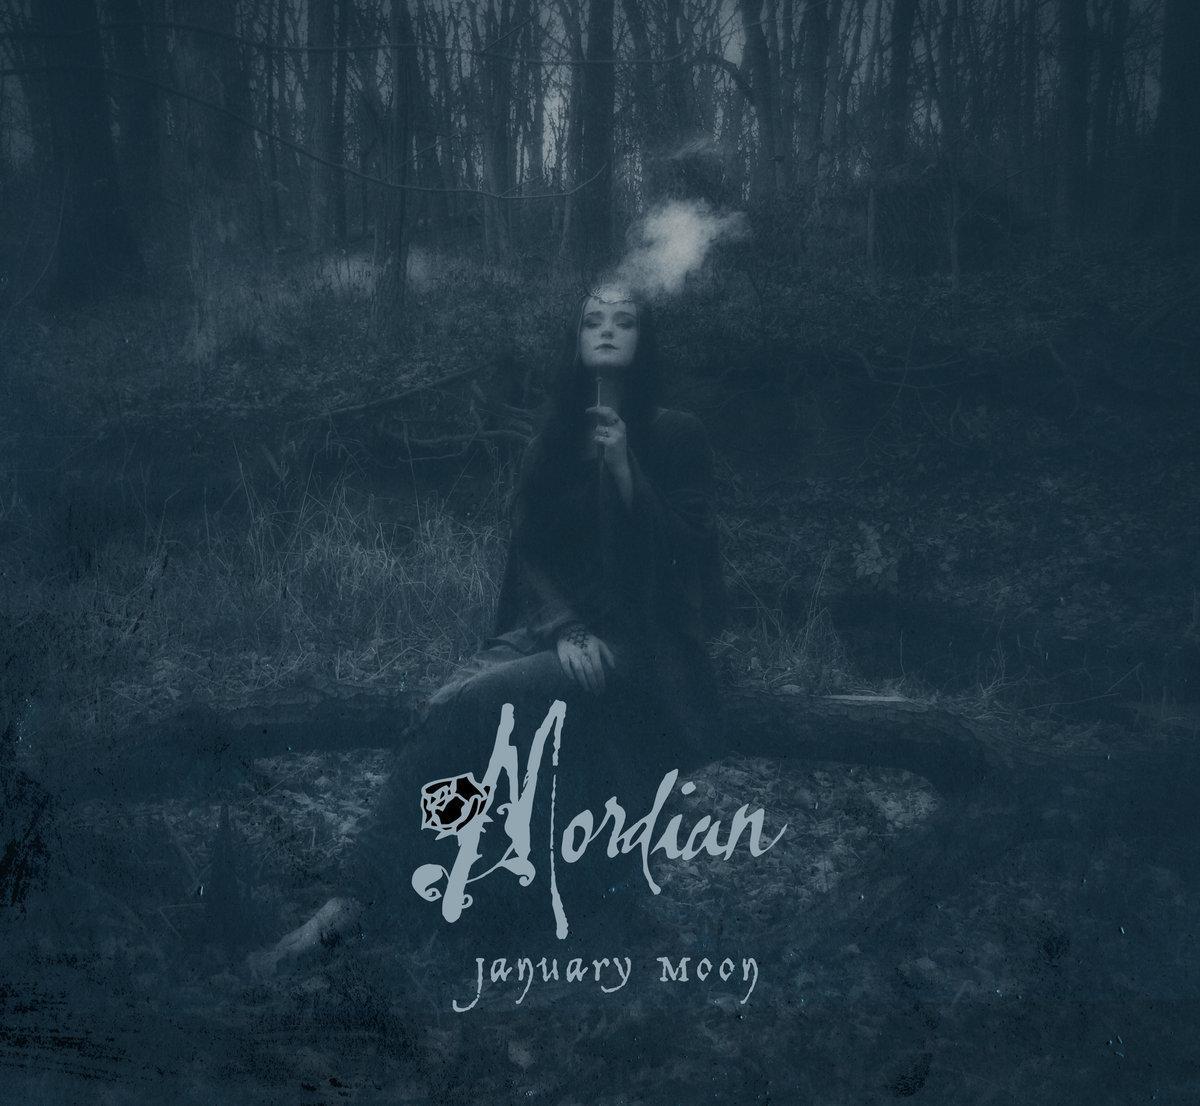 MORDIAN (Gothique),